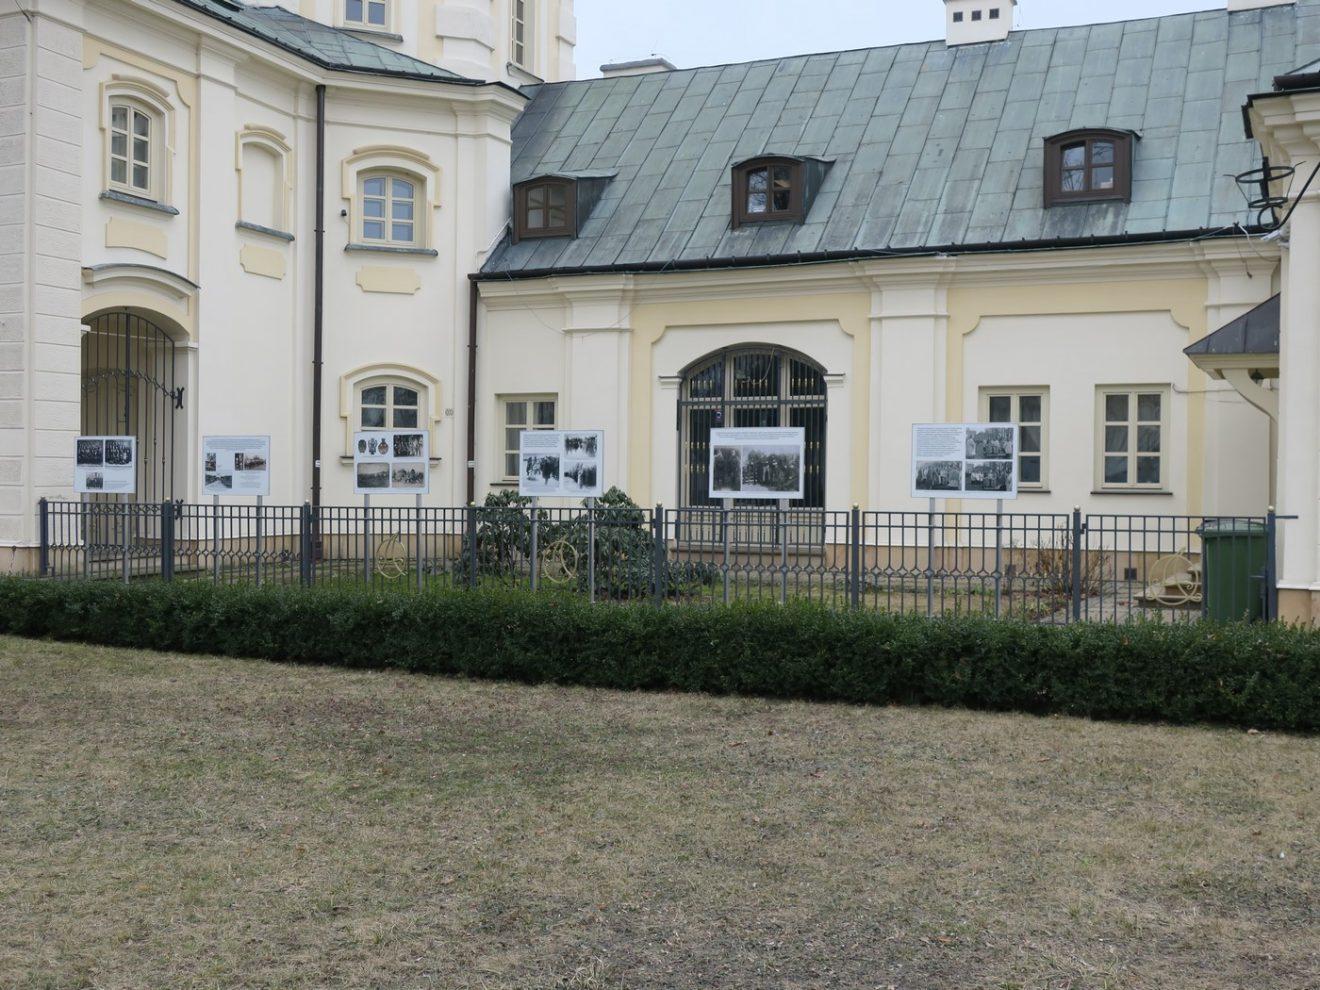 Fotografia 5 plansz wystawowych zamontowanych na ogordzeniu wokół budynku ratusza